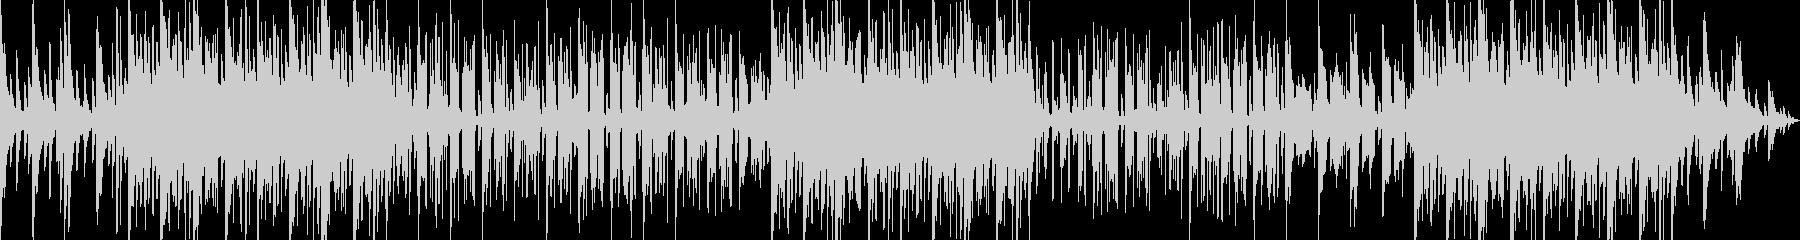 お洒落なピアノLoFi HipHopの未再生の波形